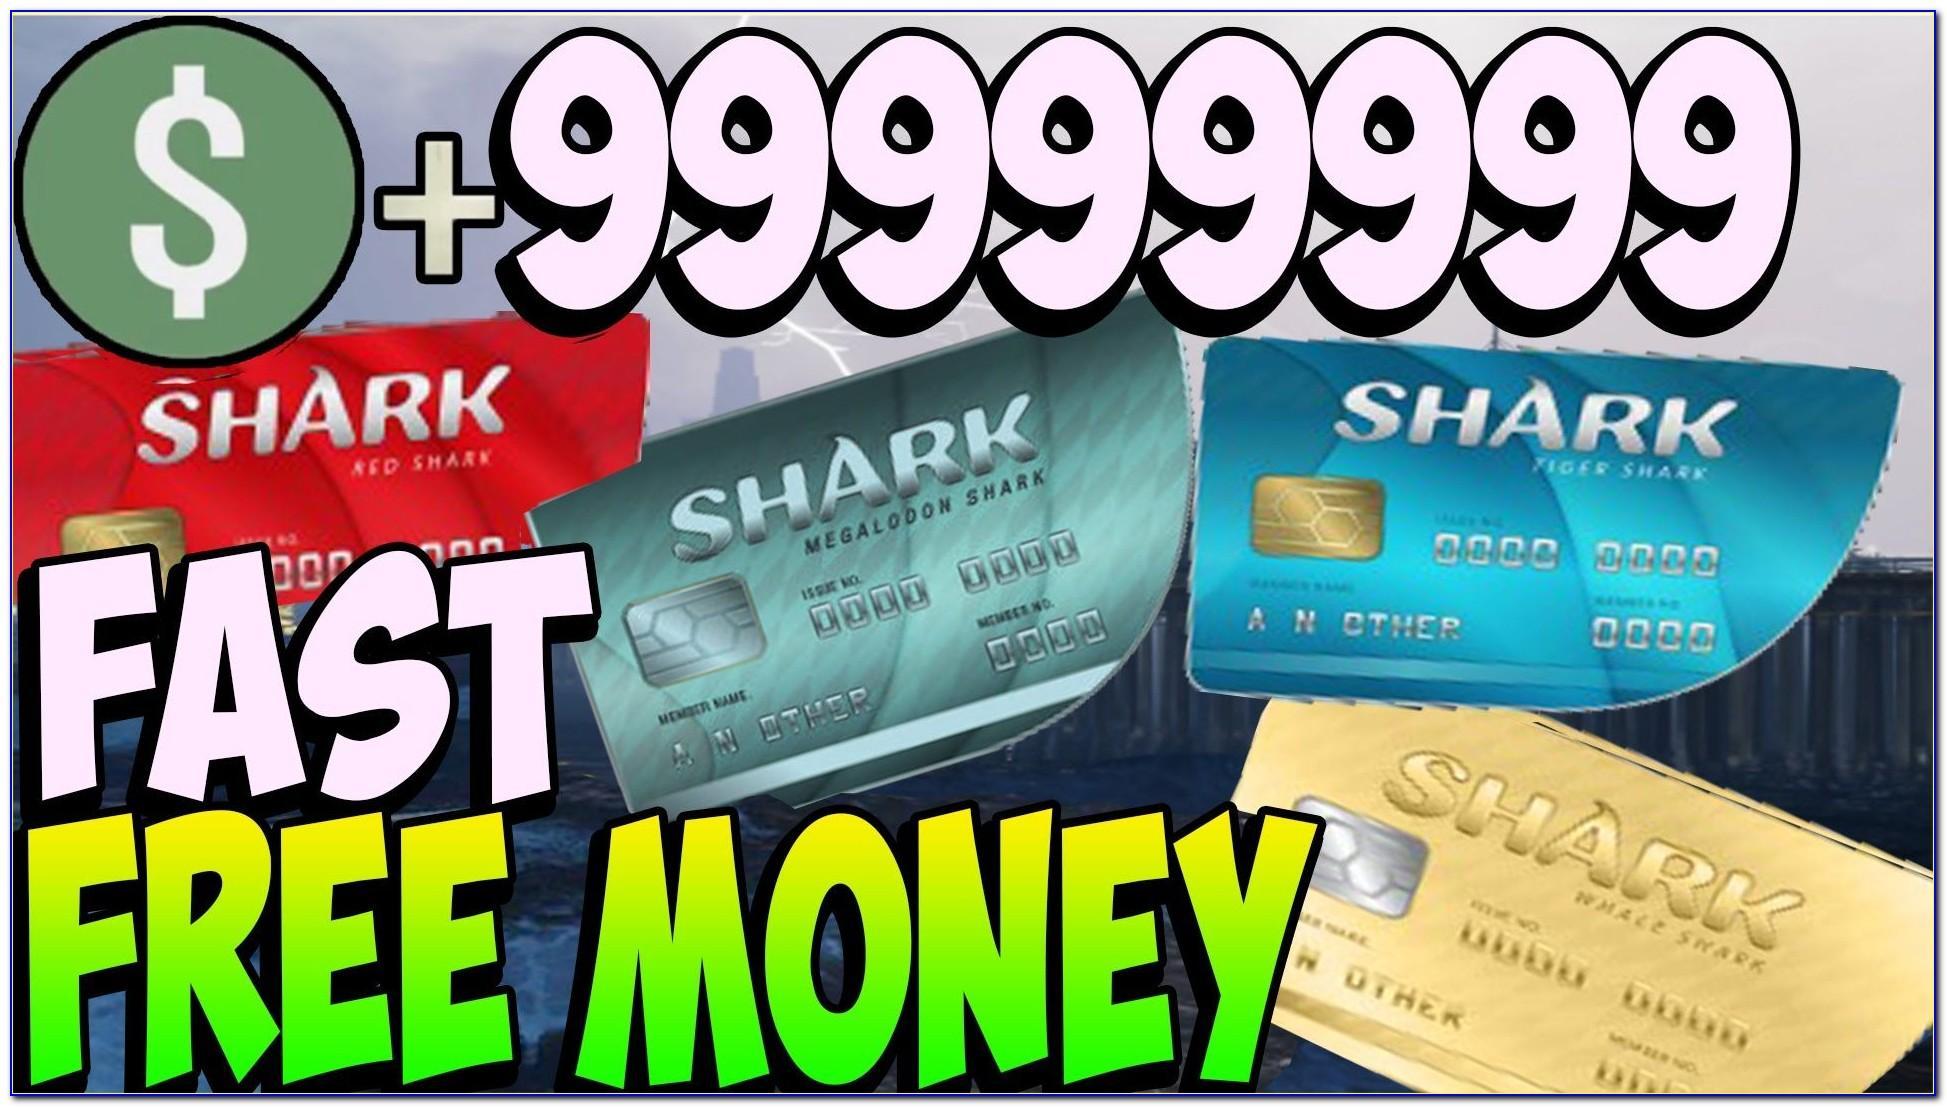 Gta 5 Shark Card Free No Survey